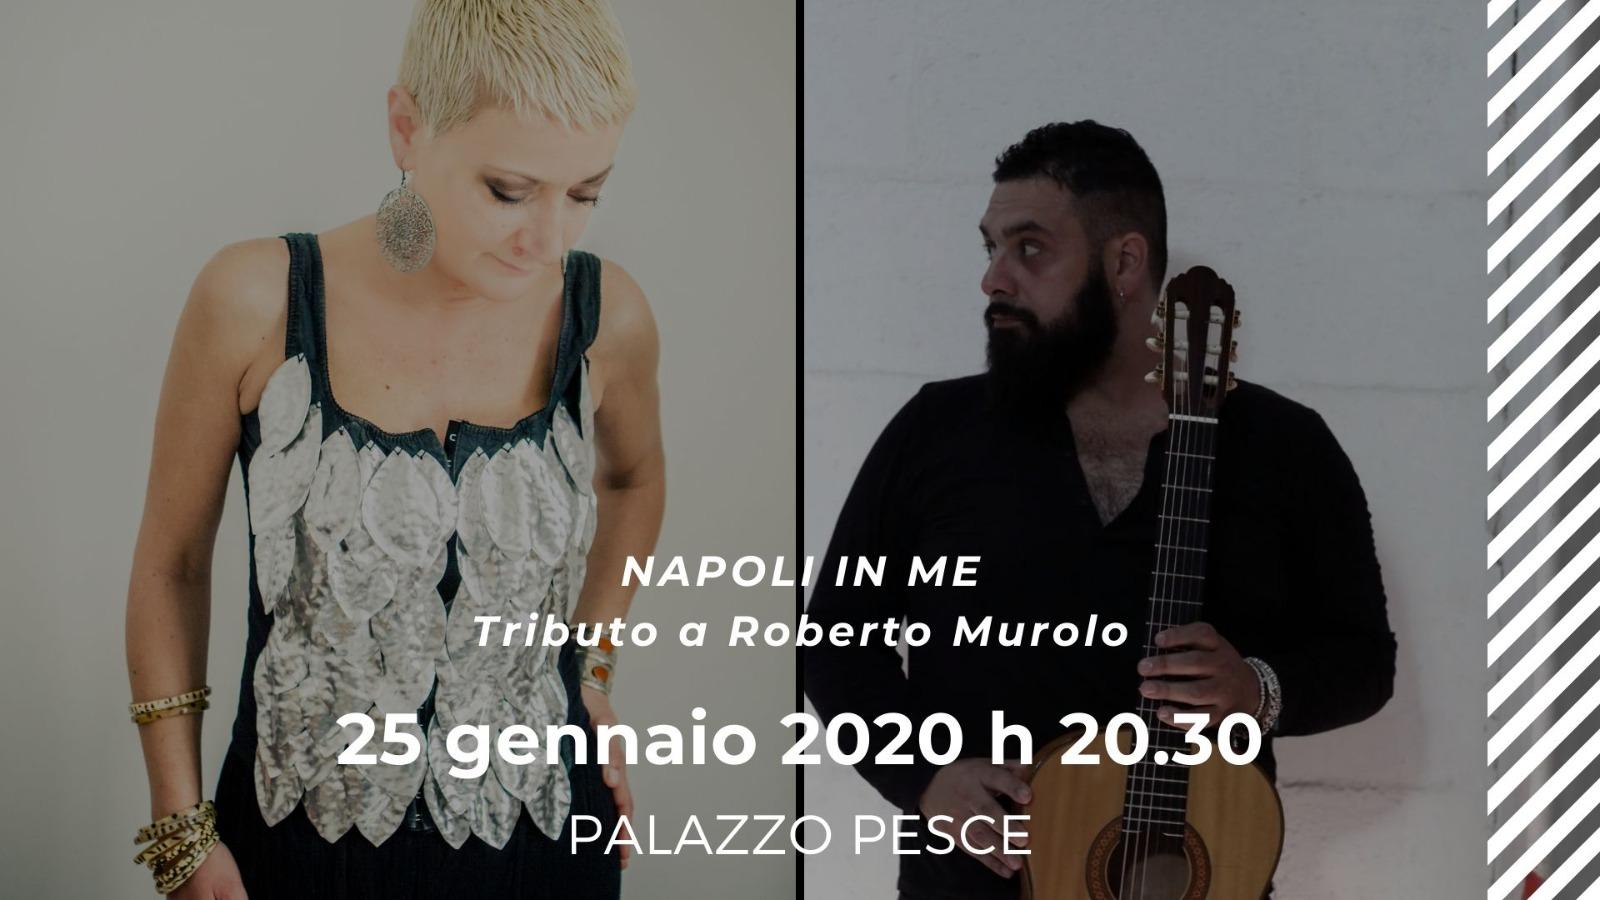 25 gennaio Napoli in me omaggio a Murolo Palazzo Pesce